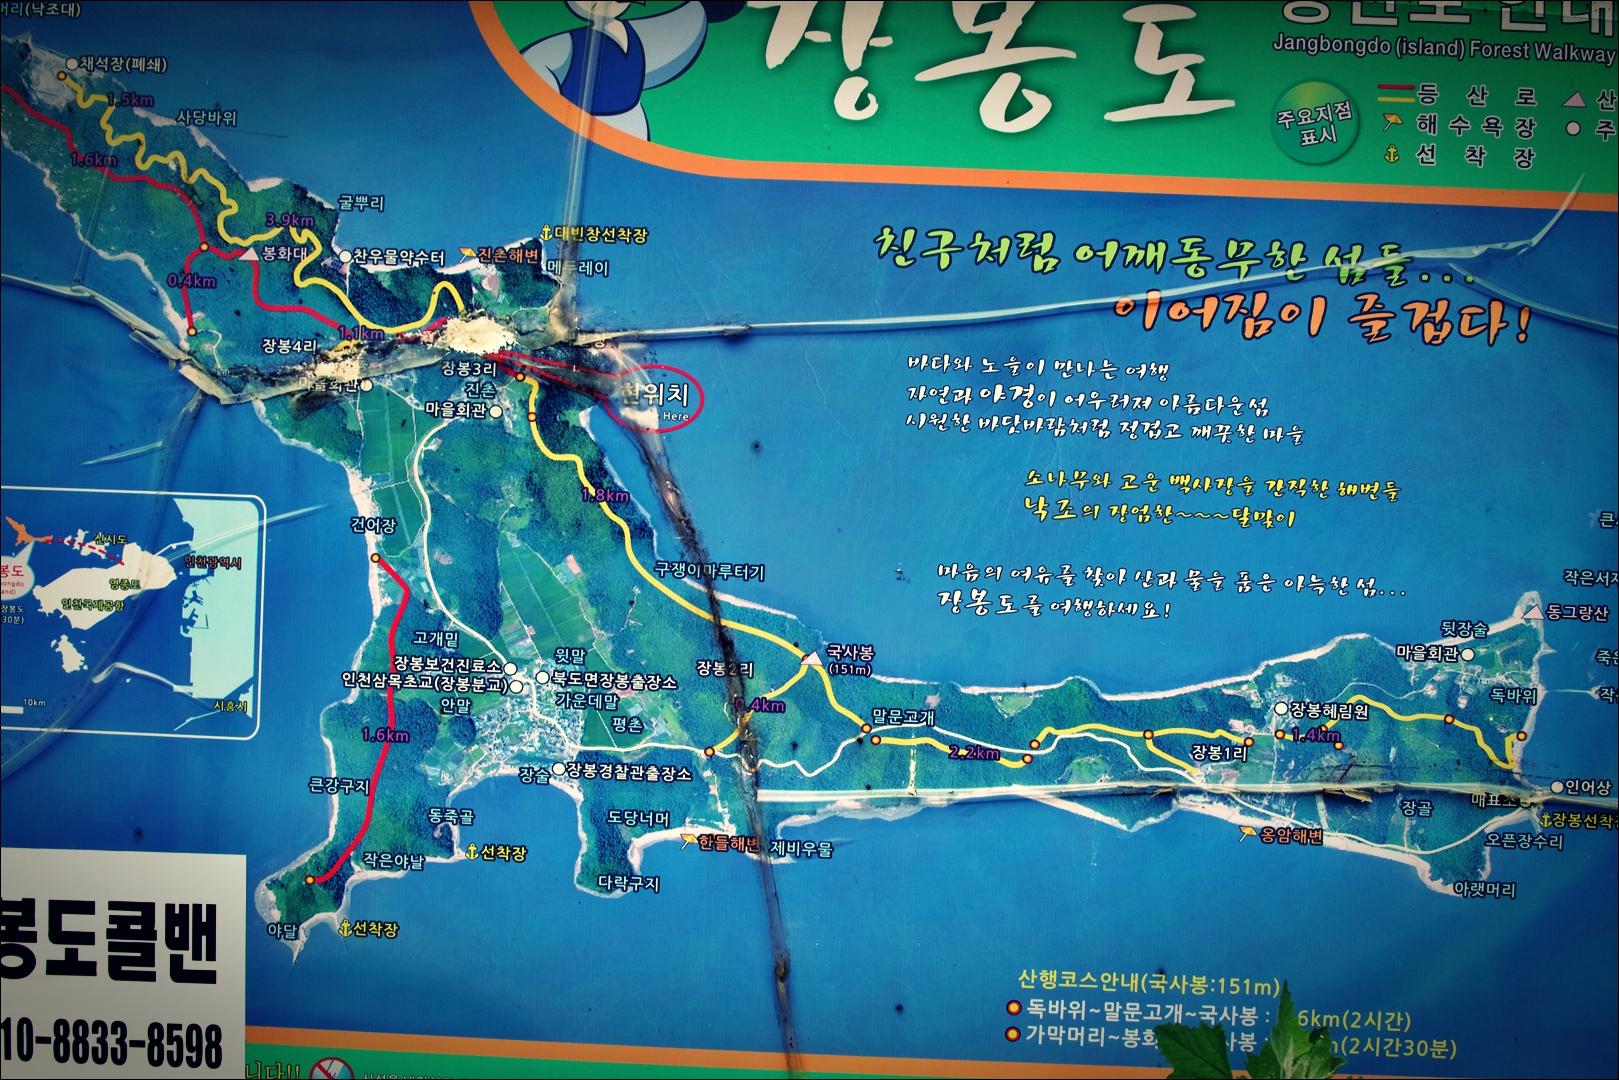 지도-'장봉도 백패킹 Jangbongdo Backpacking'